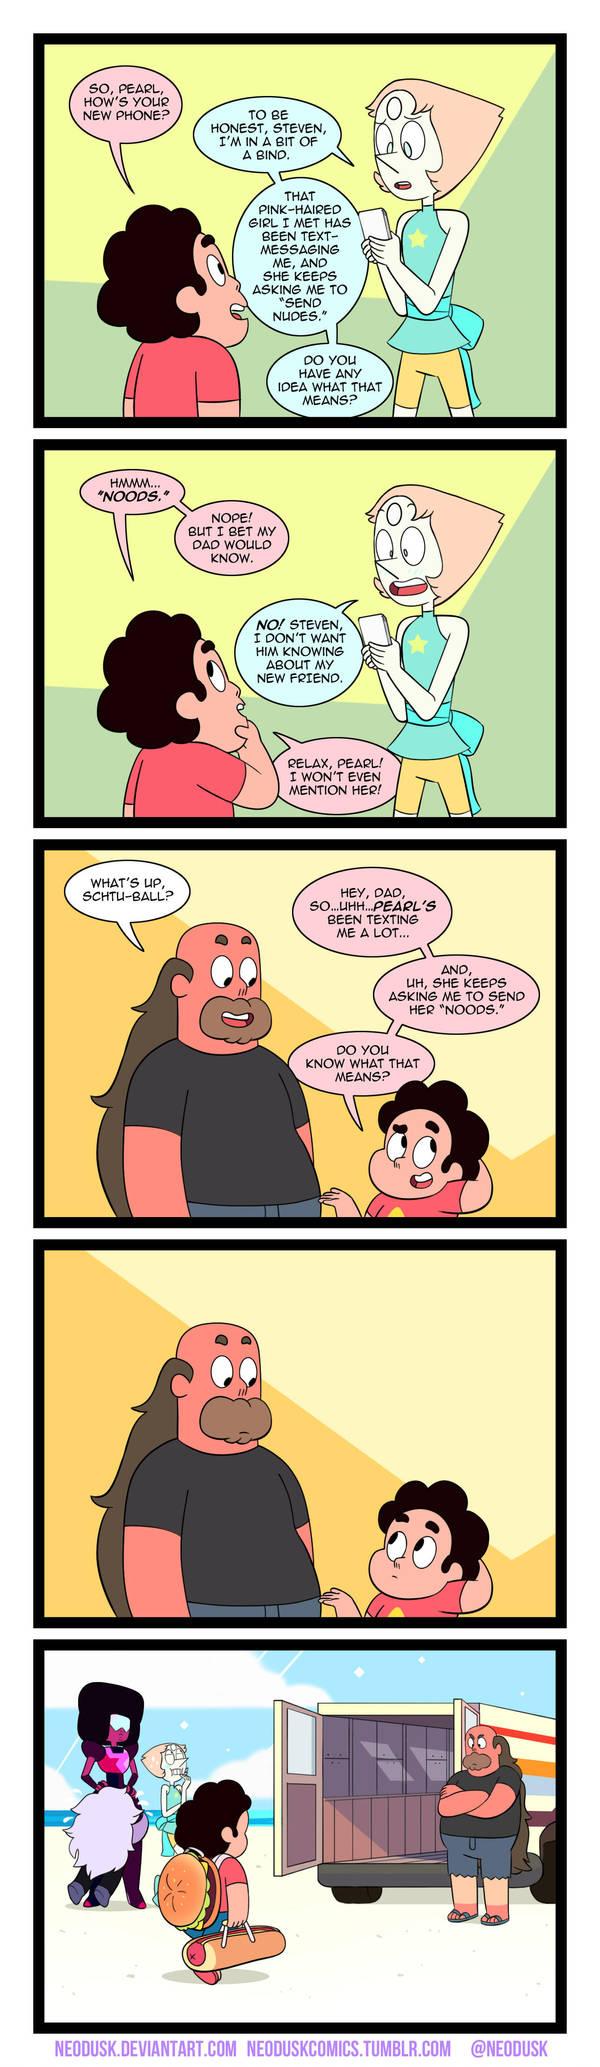 Steven Universe: Noods by Neodusk